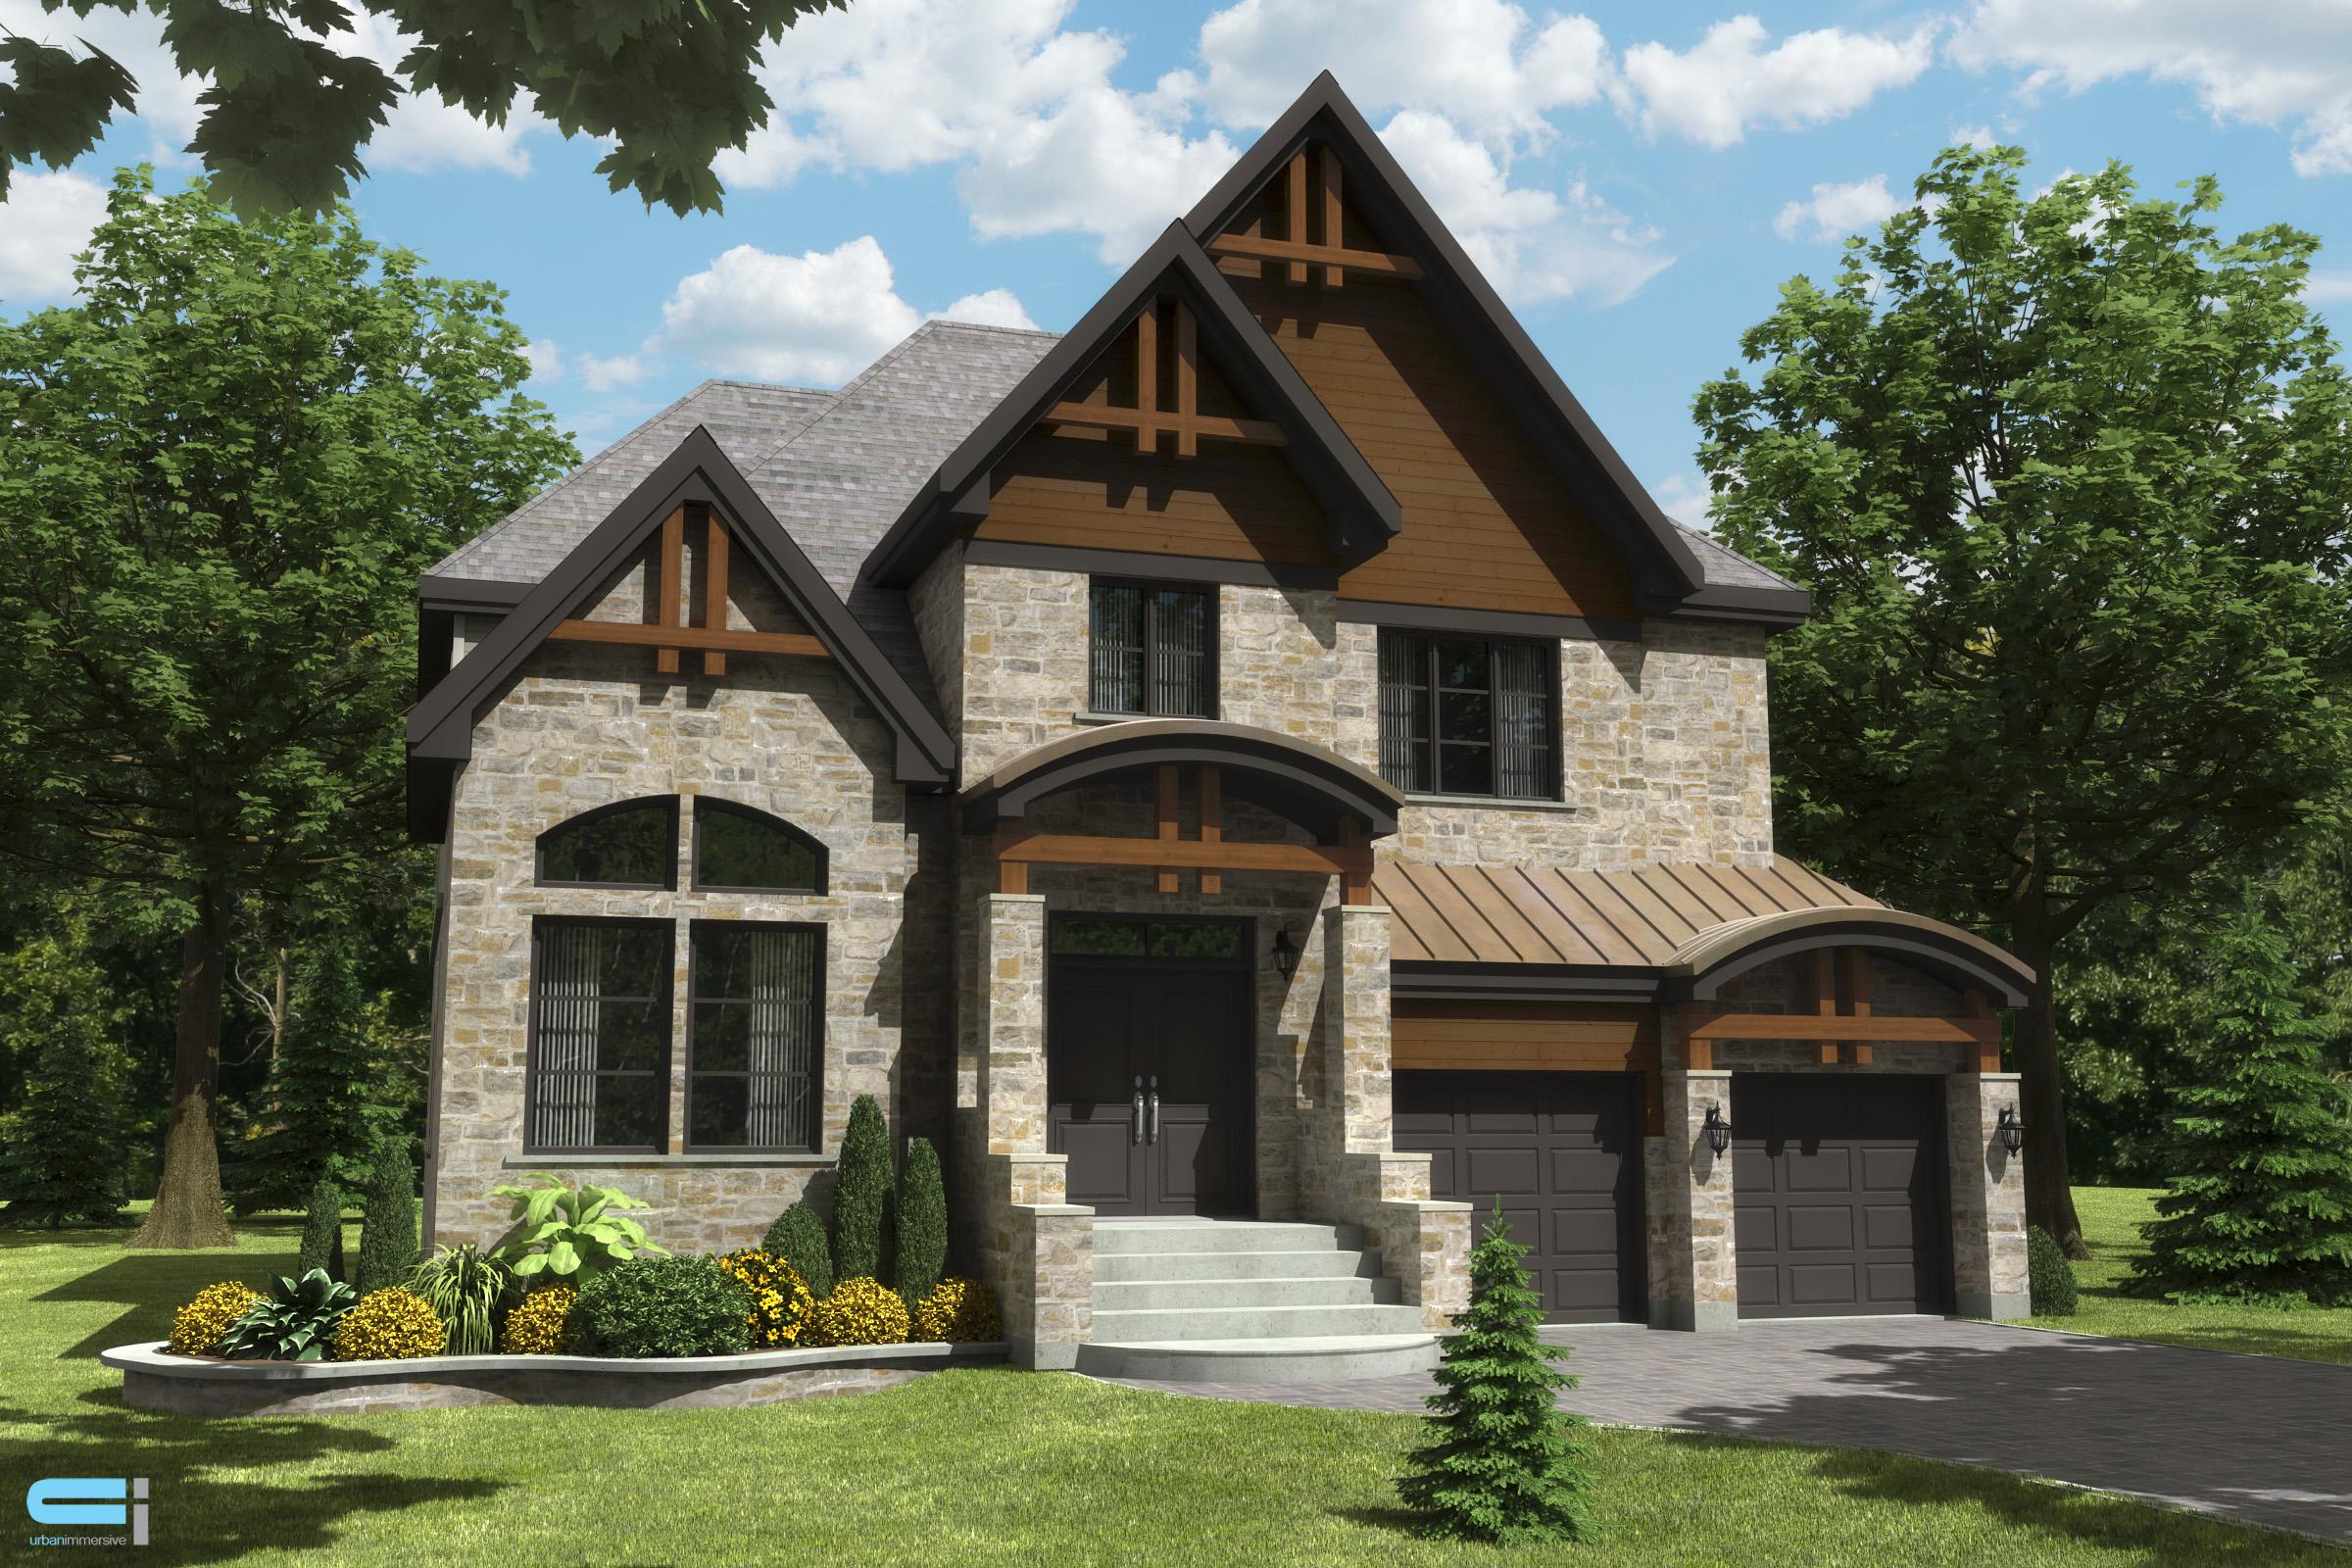 Construire une maison pas cher au quebec maison moderne for Construire sa maison contemporaine